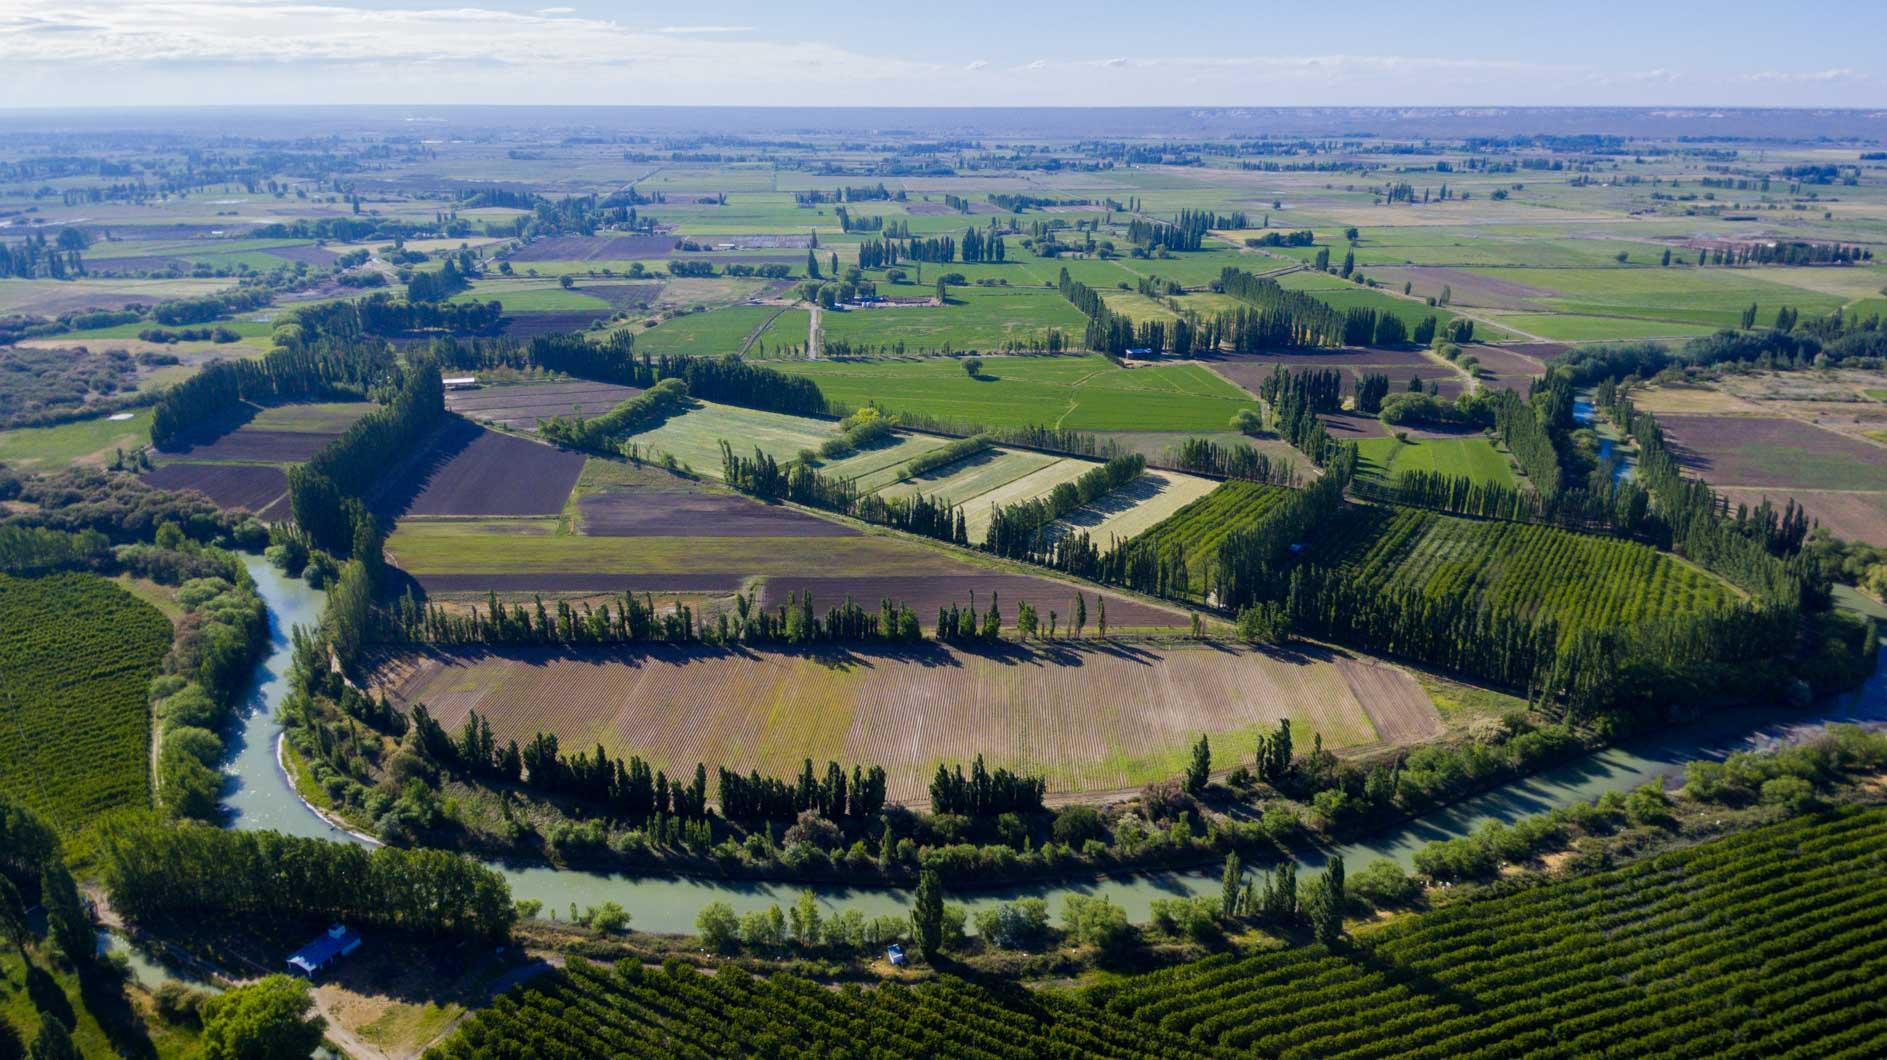 El 80% de la verdura que se consume de origen provincial es producida en el Valle Inferior del Río del Chubut